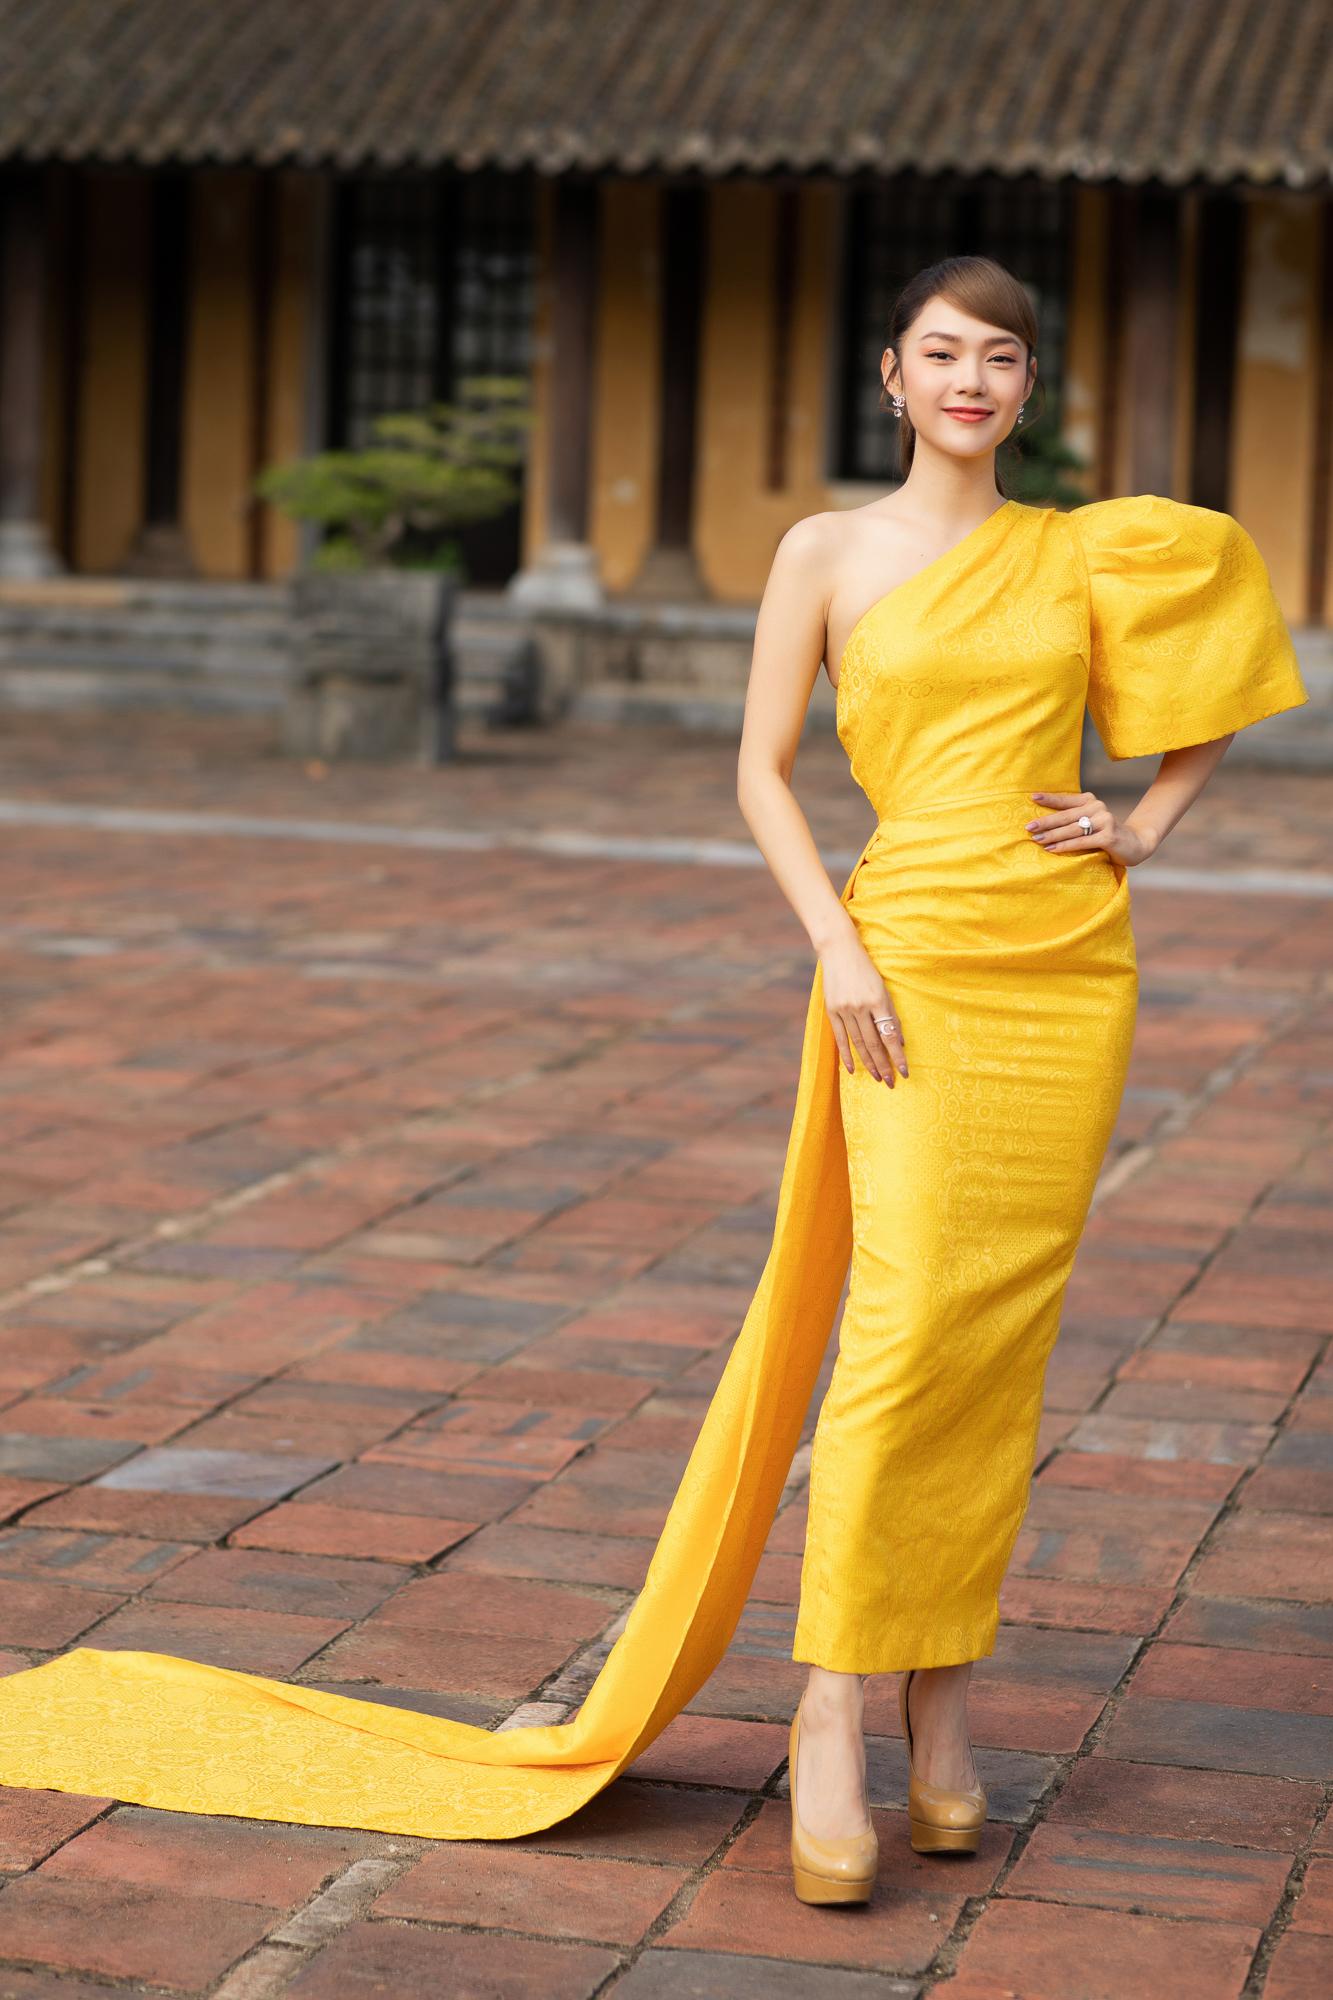 Đeo đôi khuyên hơn 2,5 tỷ siêu mẫu Võ Hoàng Yến tái hiện cú tung chân đá váy thần sầu trên sàn catwalk khiến người xem thốt tim - Ảnh 12.